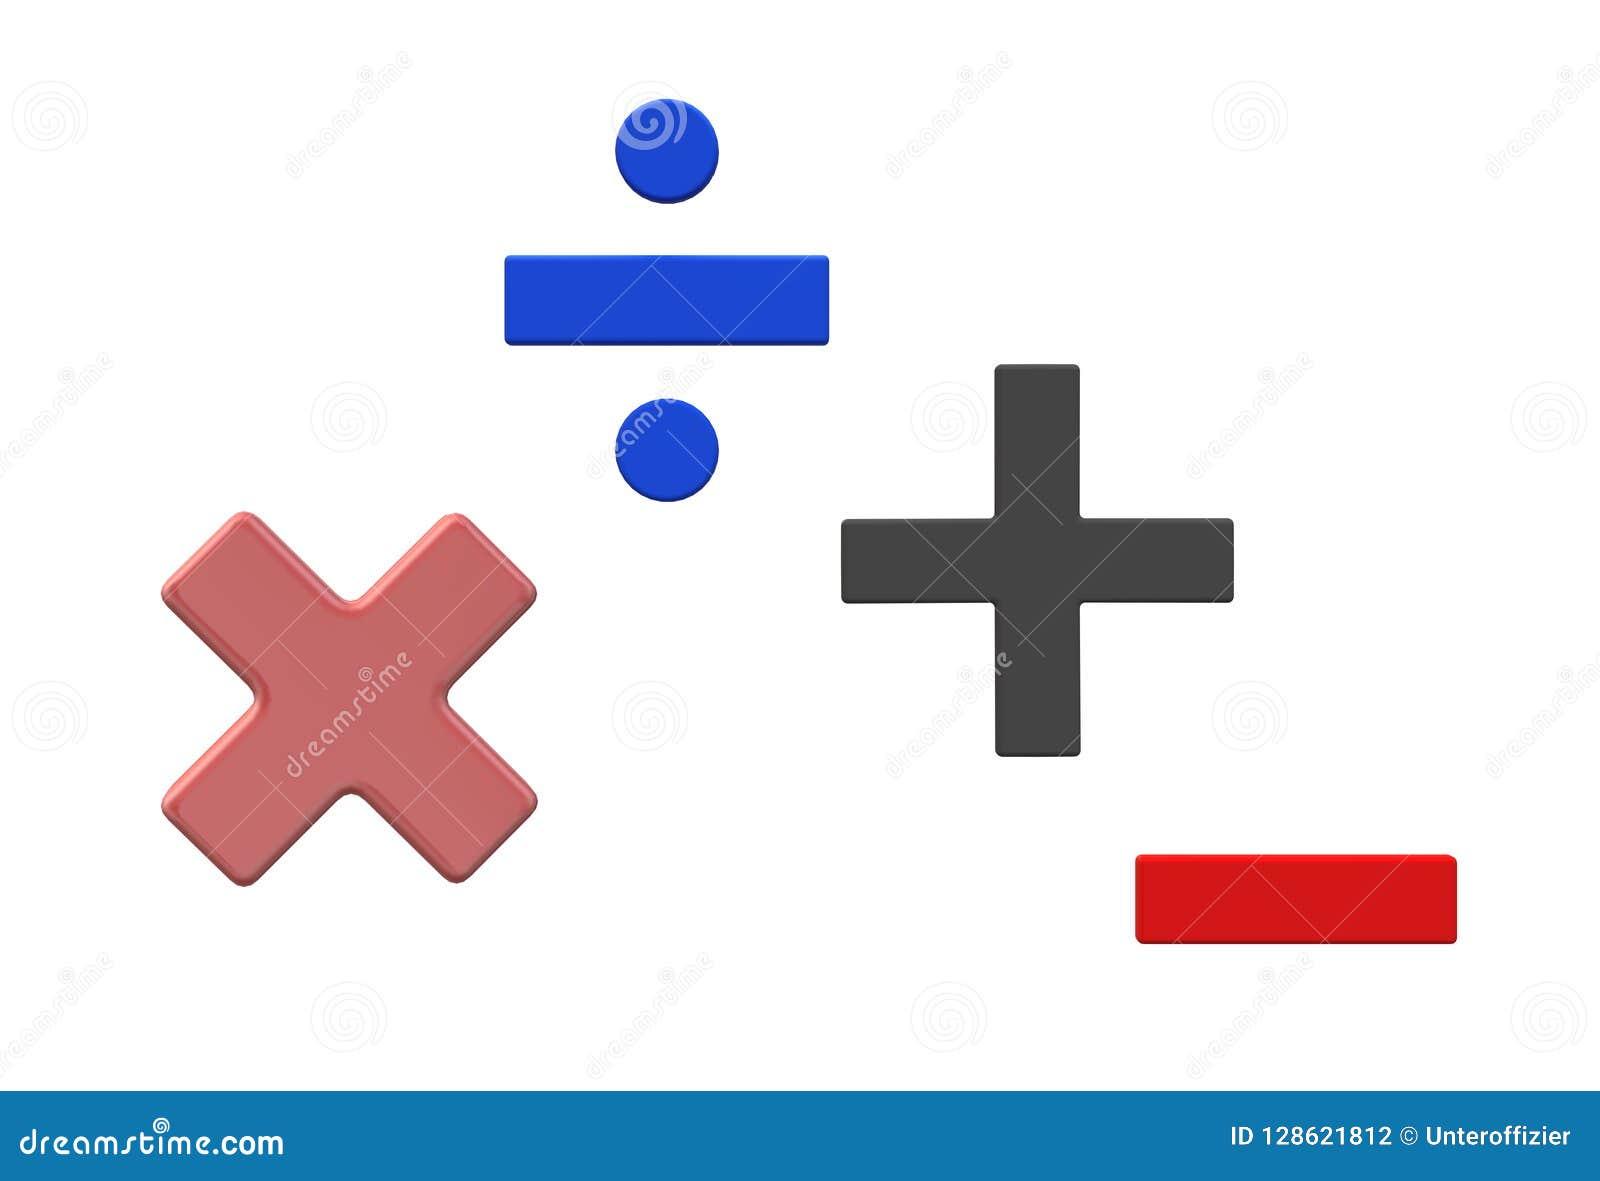 Multiplication Stock Illustrations